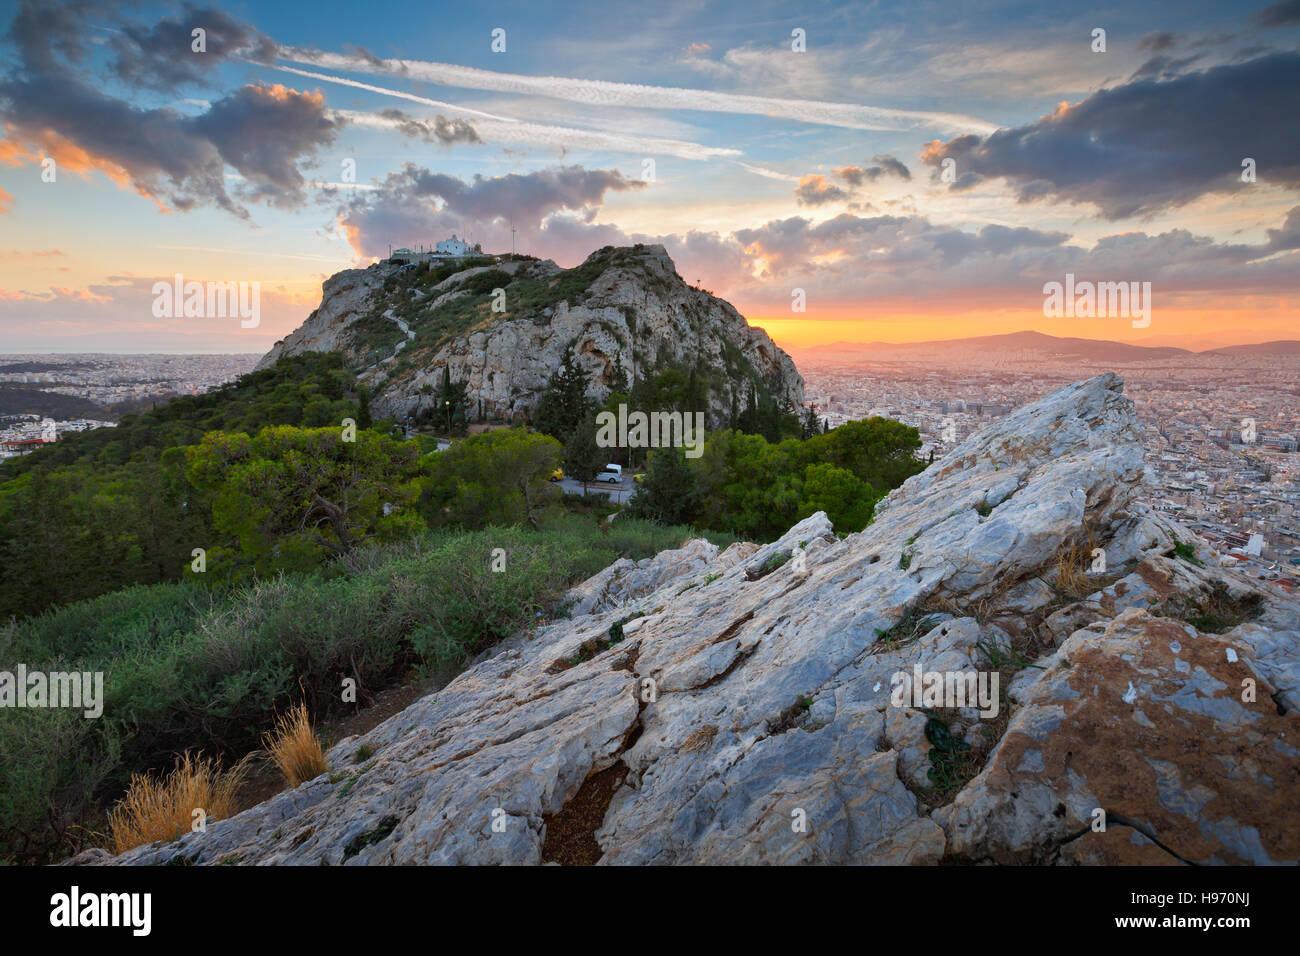 Ansicht von Athen aus Lycabettus-Hügel, Griechenland. Stockbild